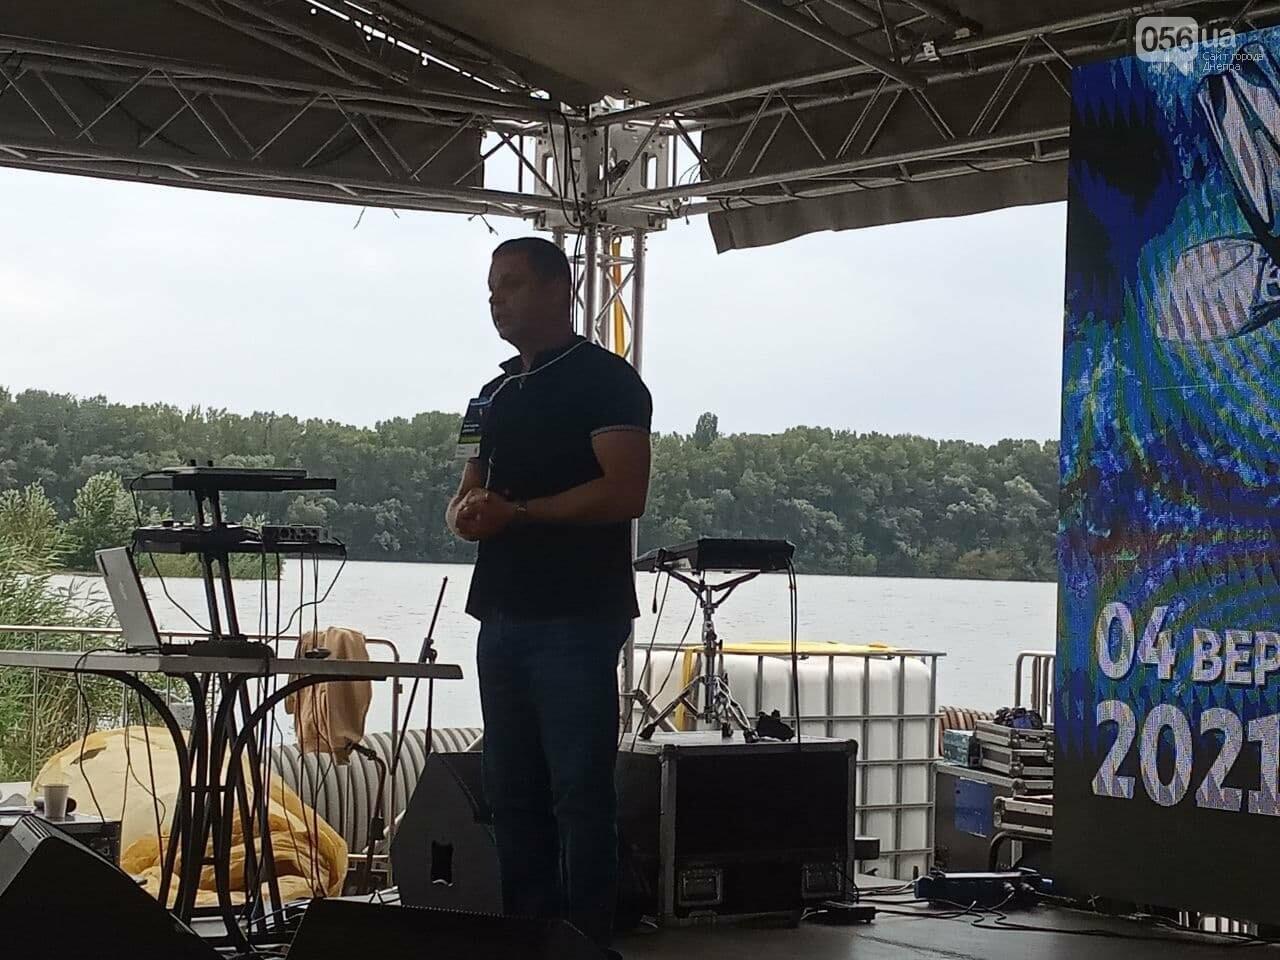 В Днепре провели первый в Украине Международный фестиваль дайвинга, - ФОТО, ВИДЕО, фото-11